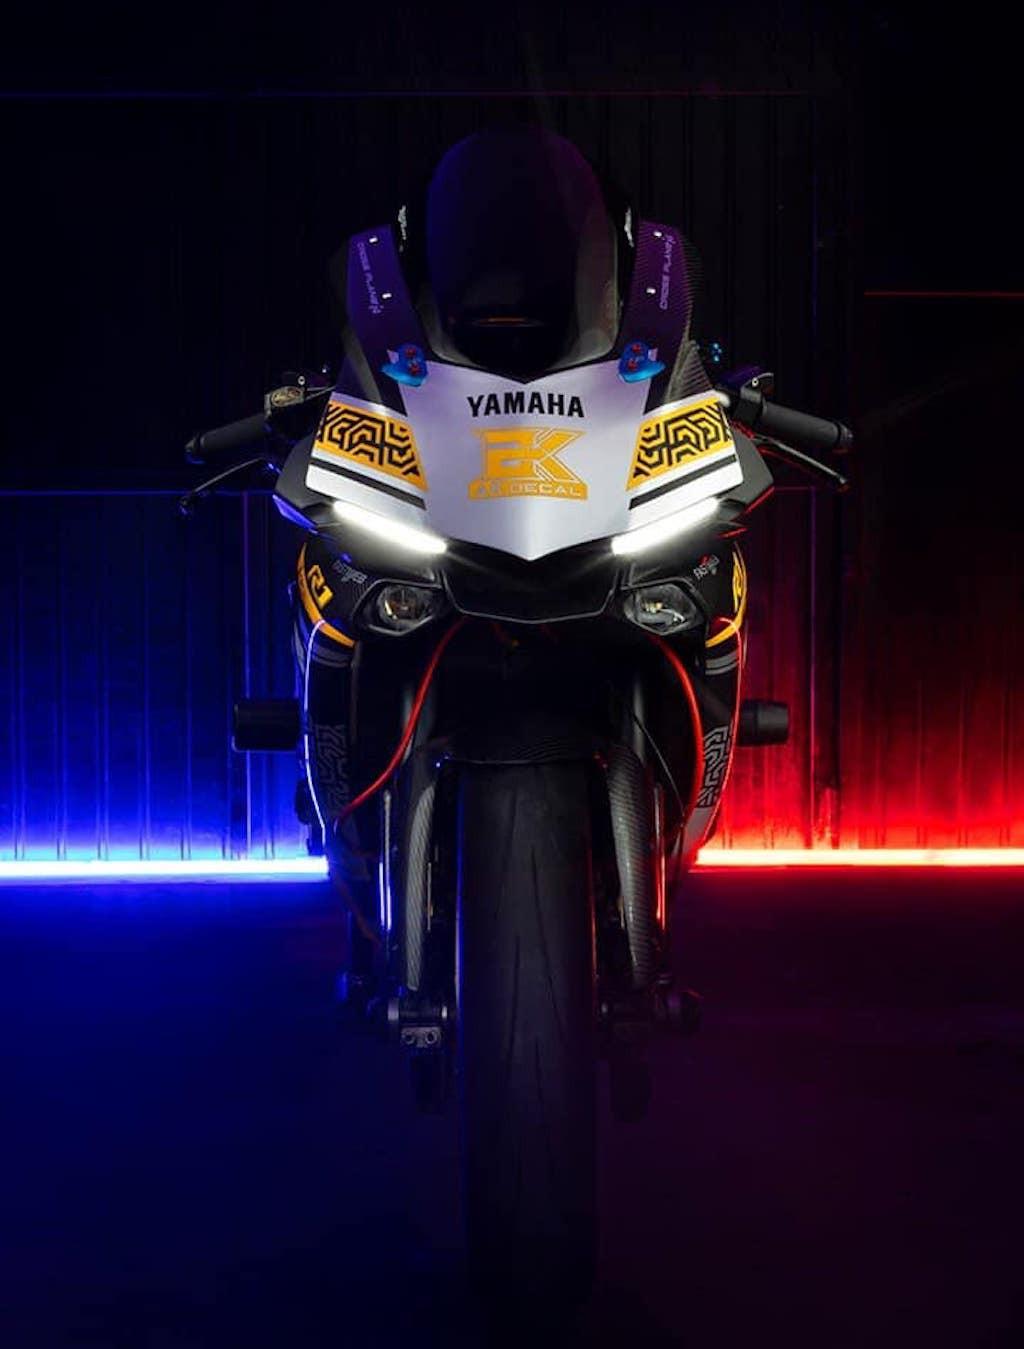 Chiêm ngưỡng vẻ đẹp Yamaha R1 độ kiểu xe đua hàng khủng tại TP.HCM - Hình 1